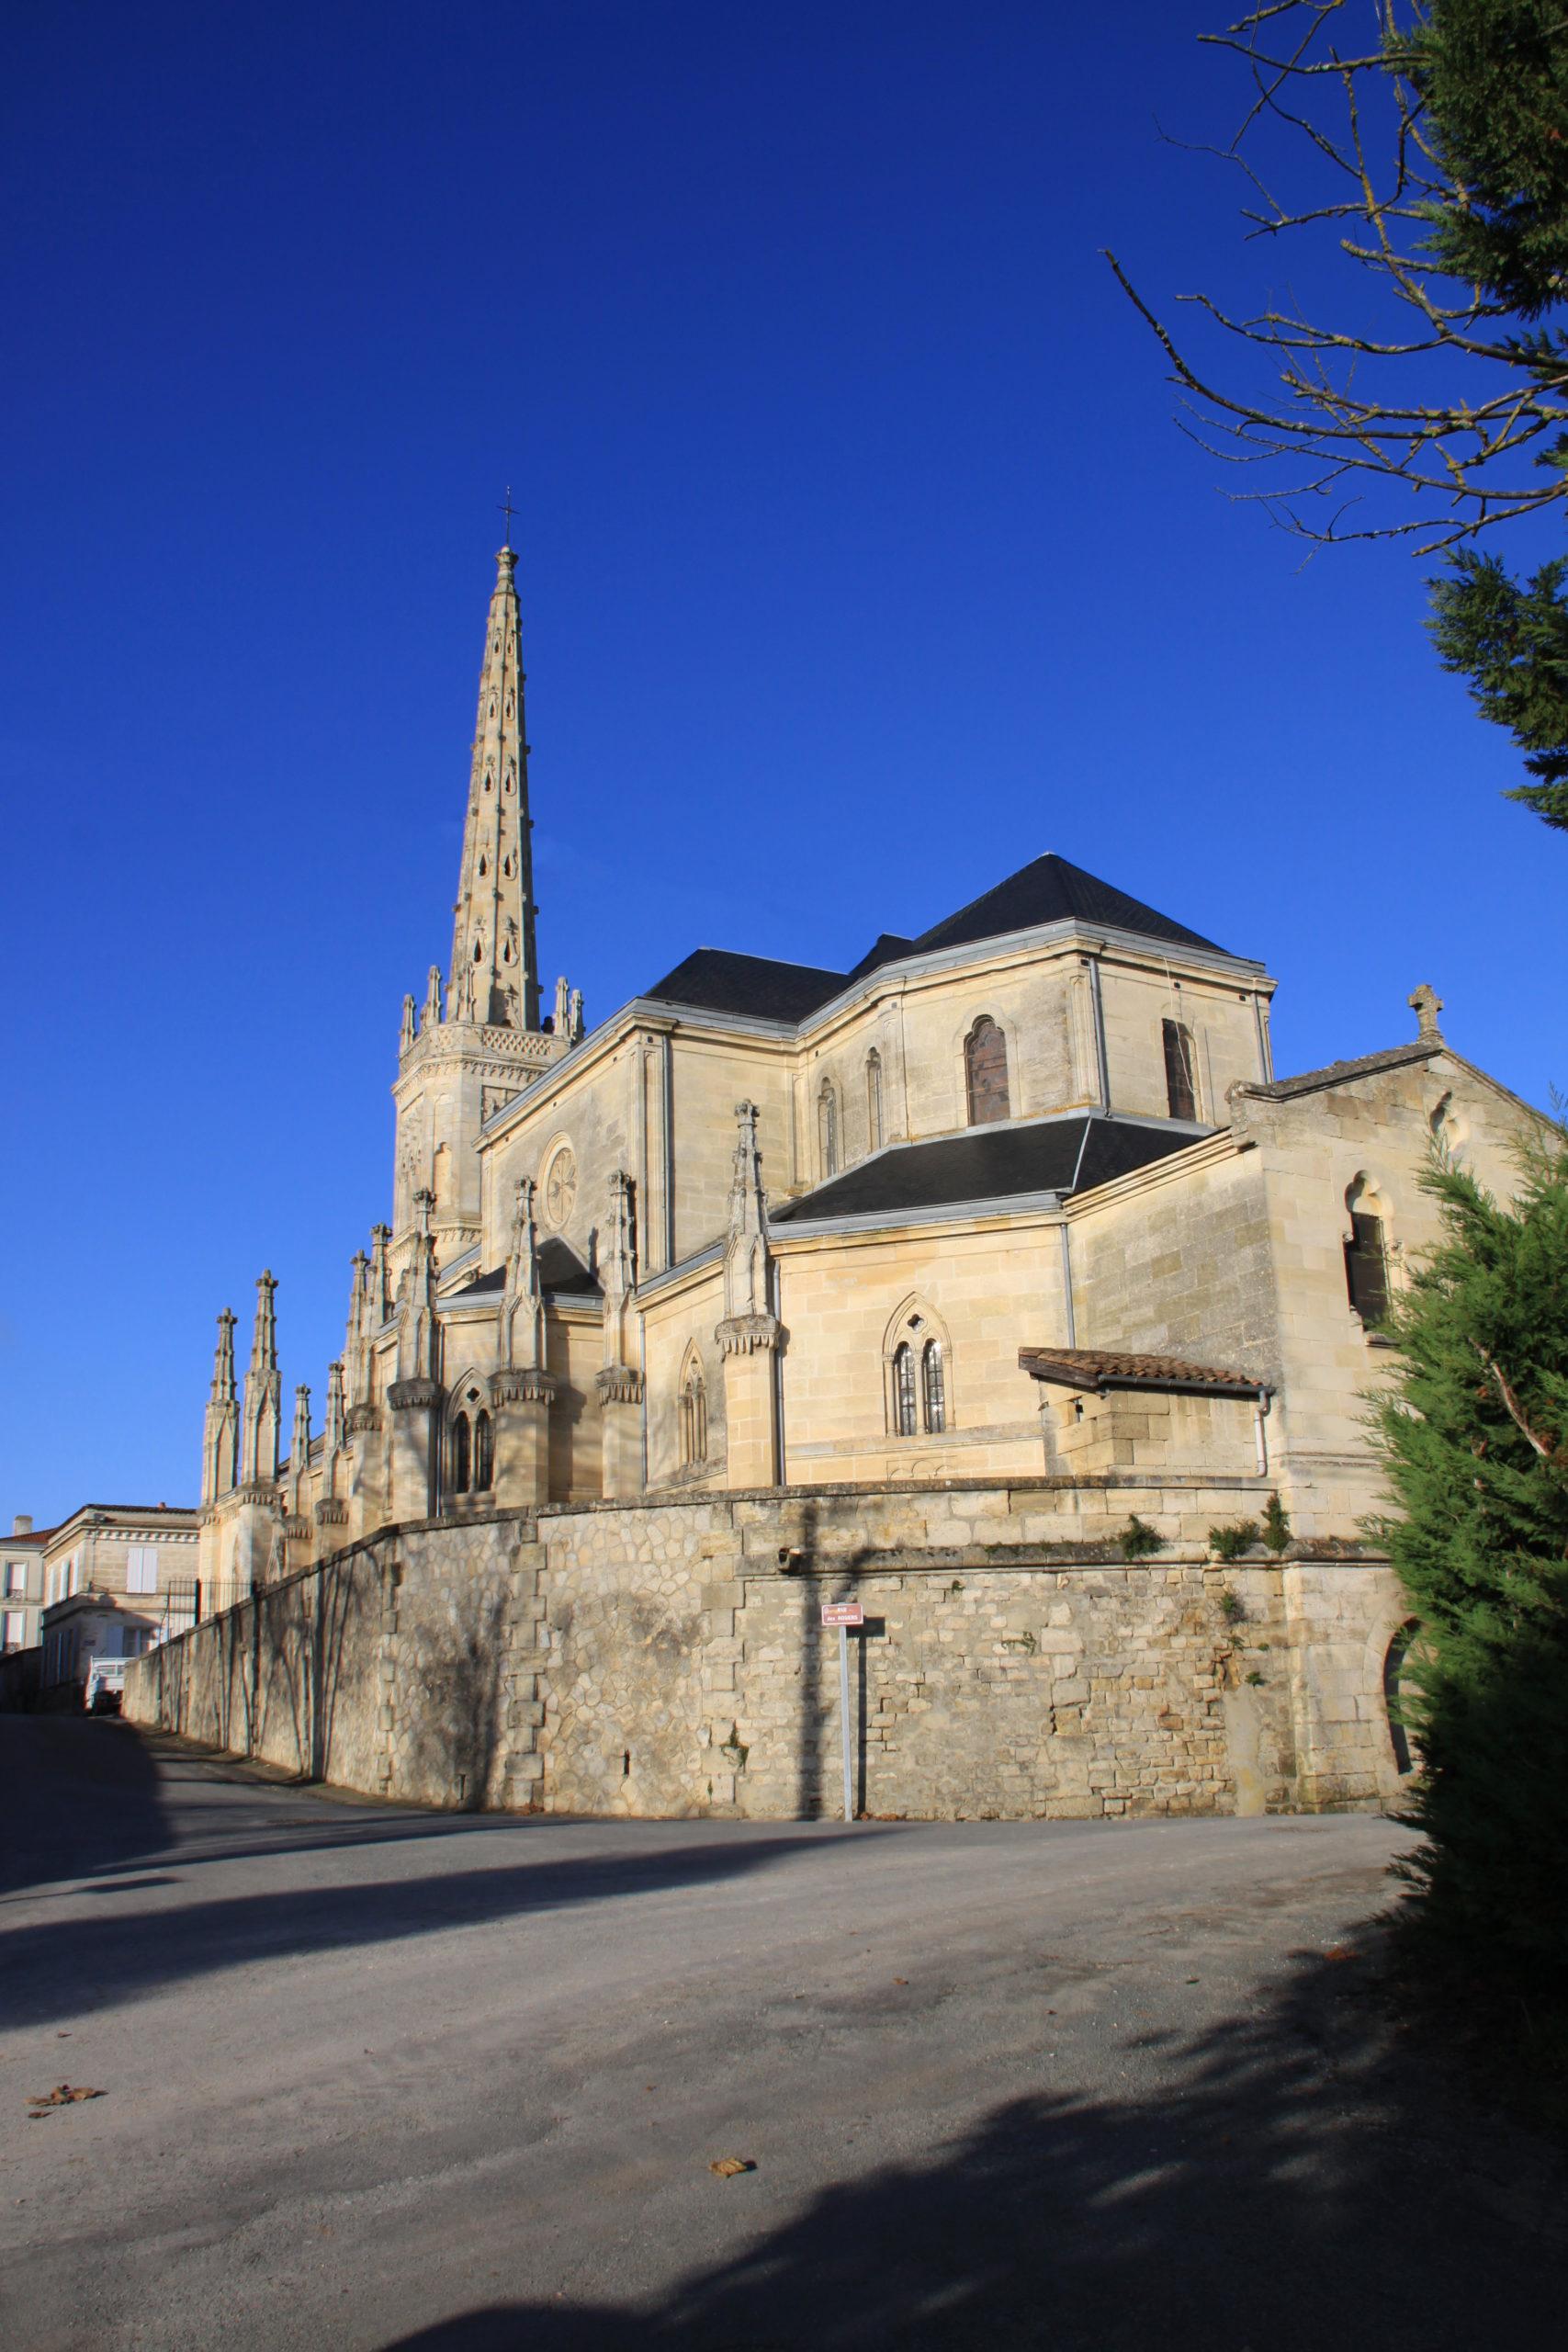 Eglise Saint-Julien de Rignac Saint-Julien-Beychevelle